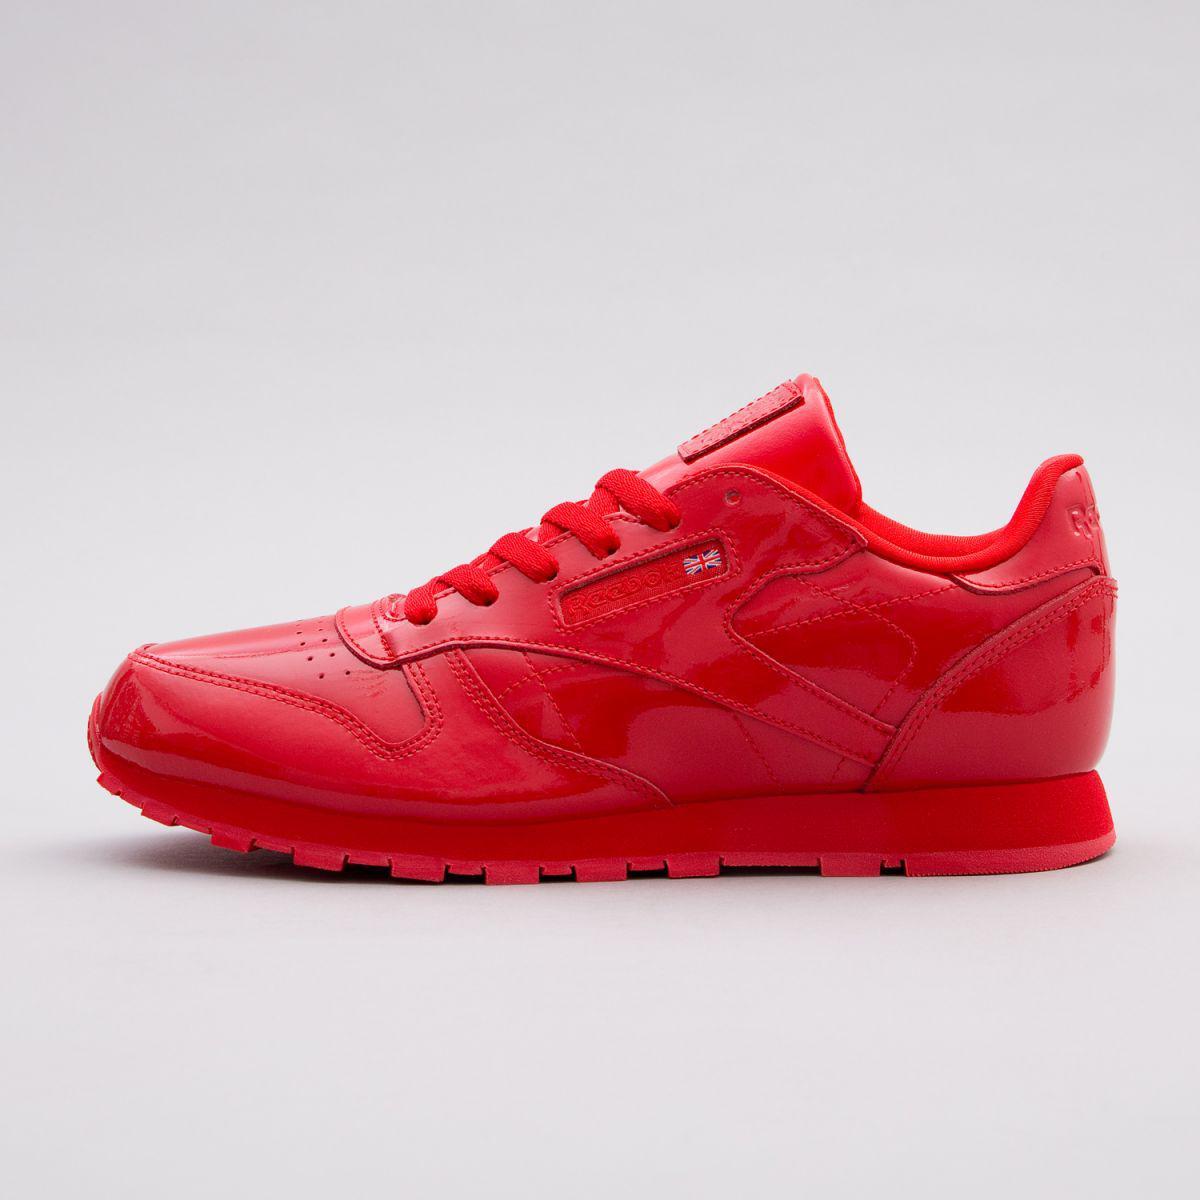 Оригинальные кроссовки REEBOK CLASSIC LEATHER PATENT   продажа, цена ... edd1f20de3b